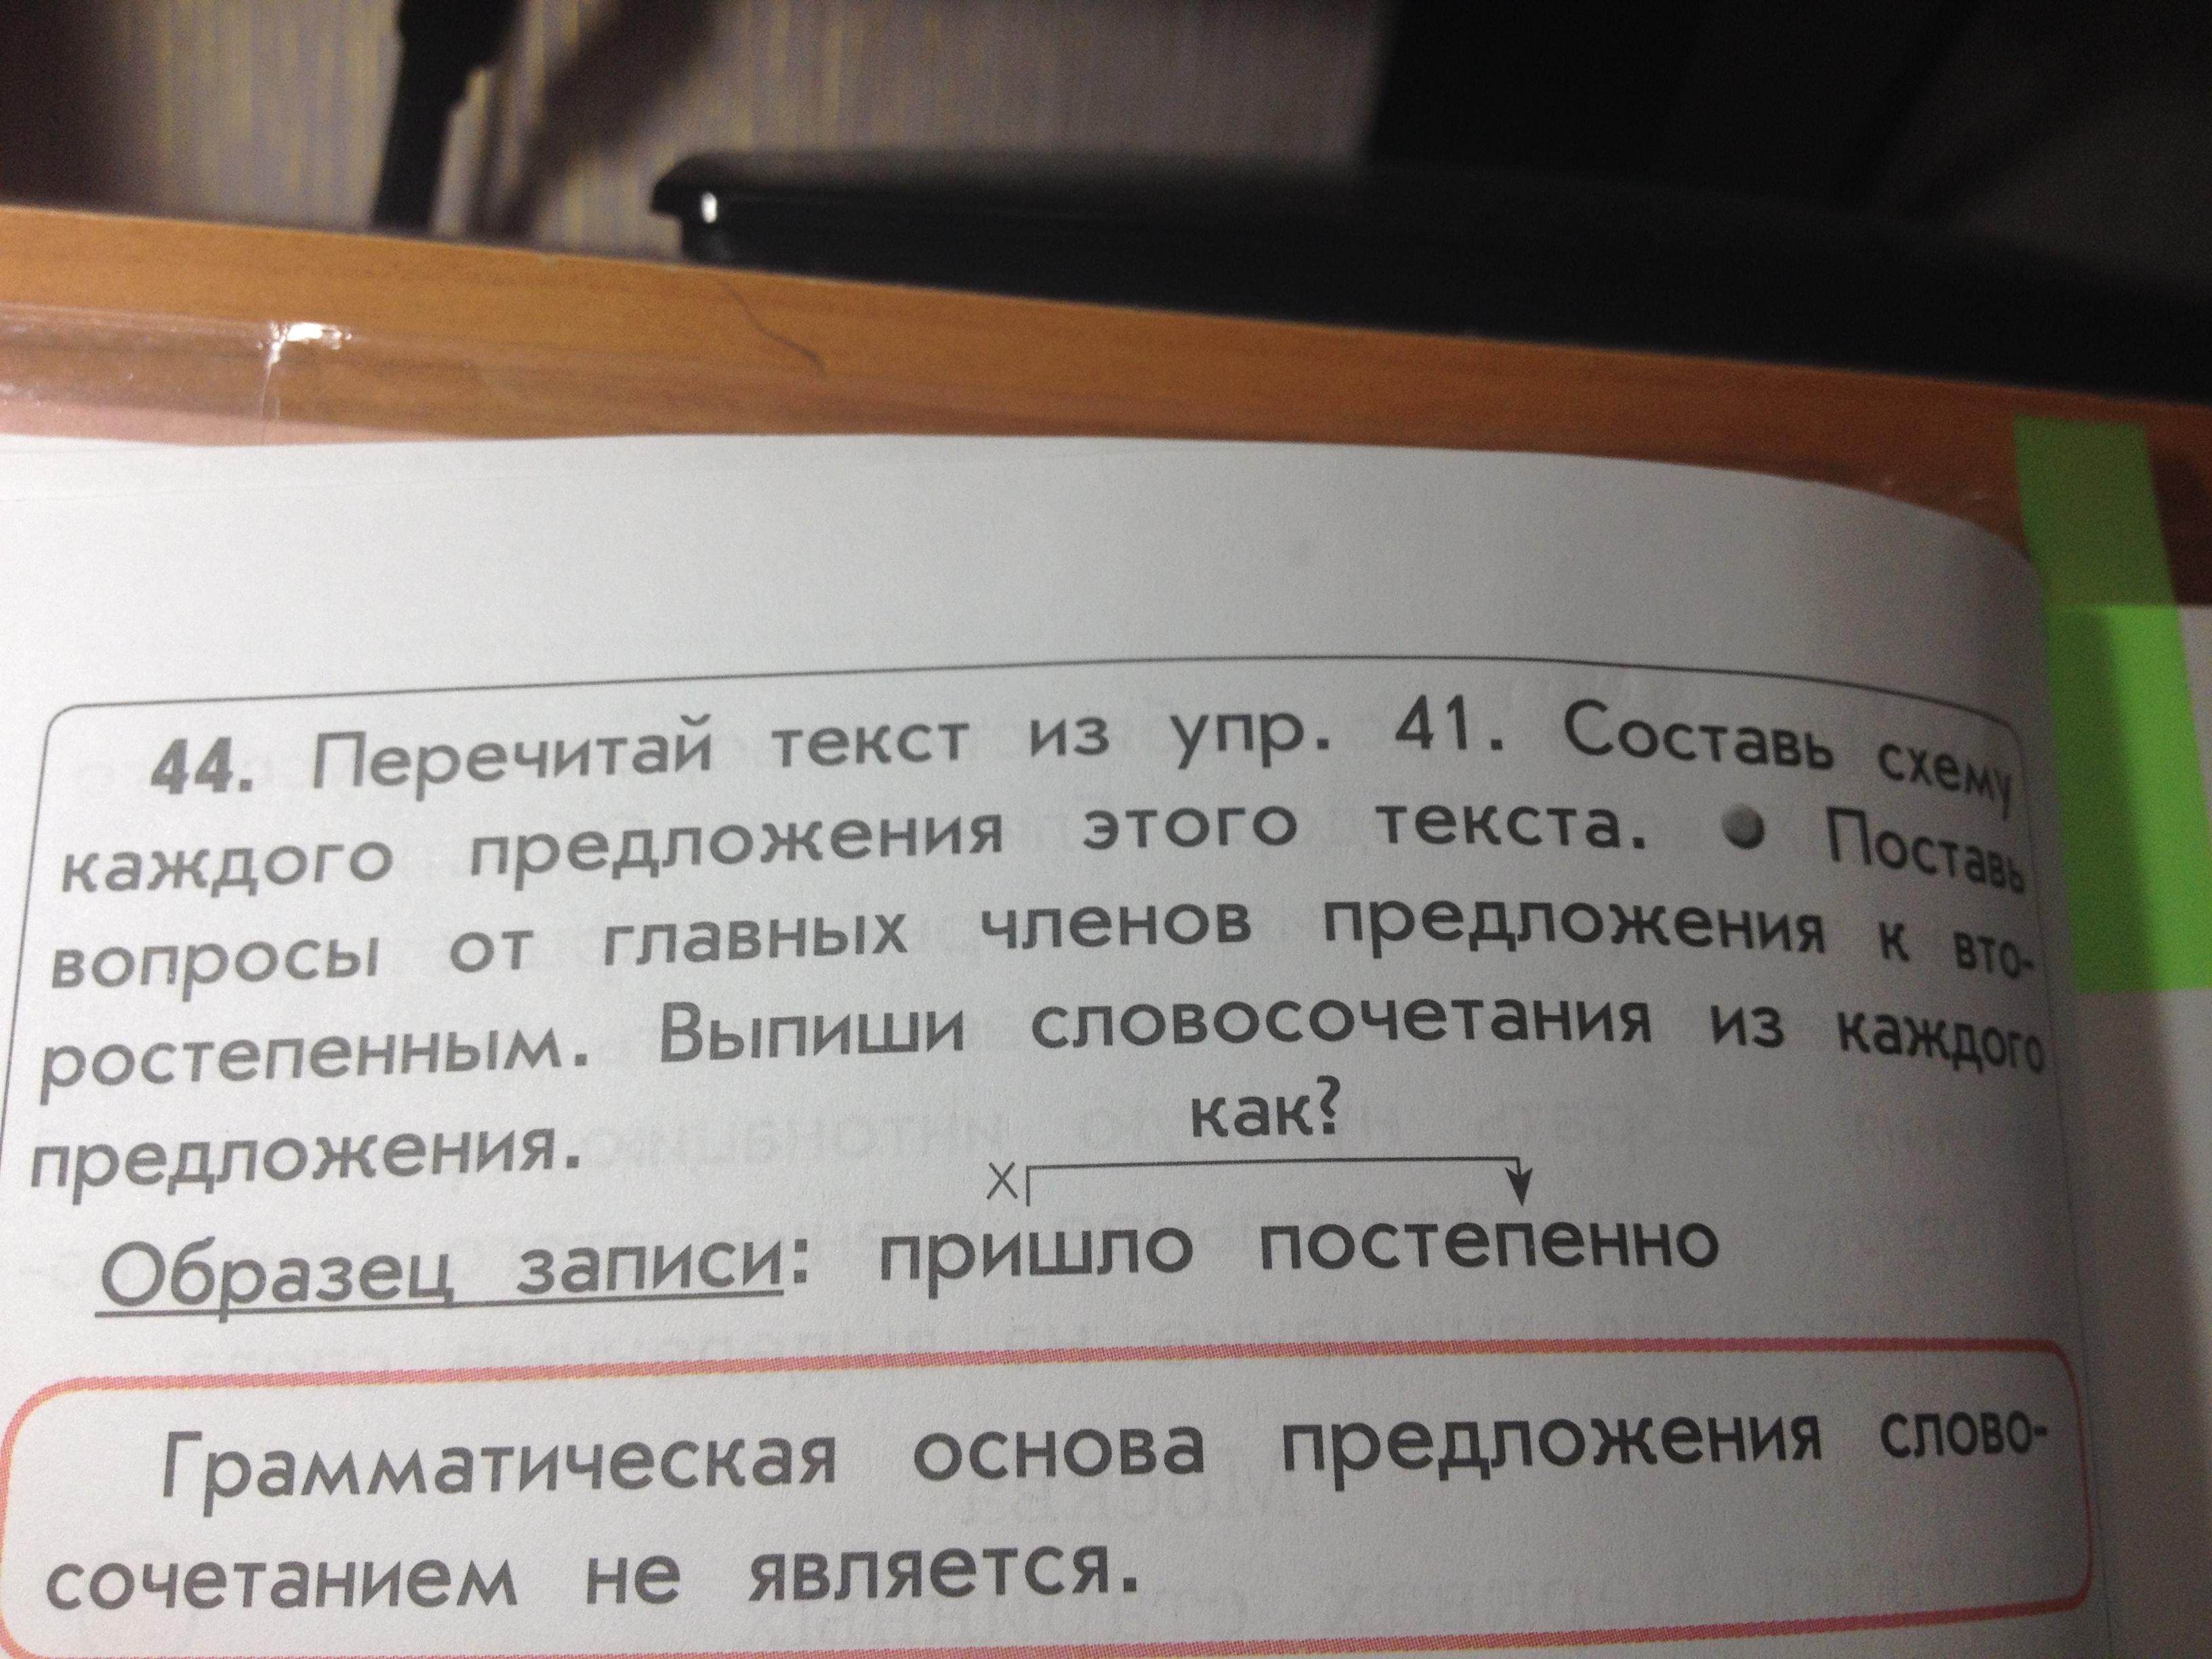 Перечитай текст из упр 41 составь схему каждого предложения